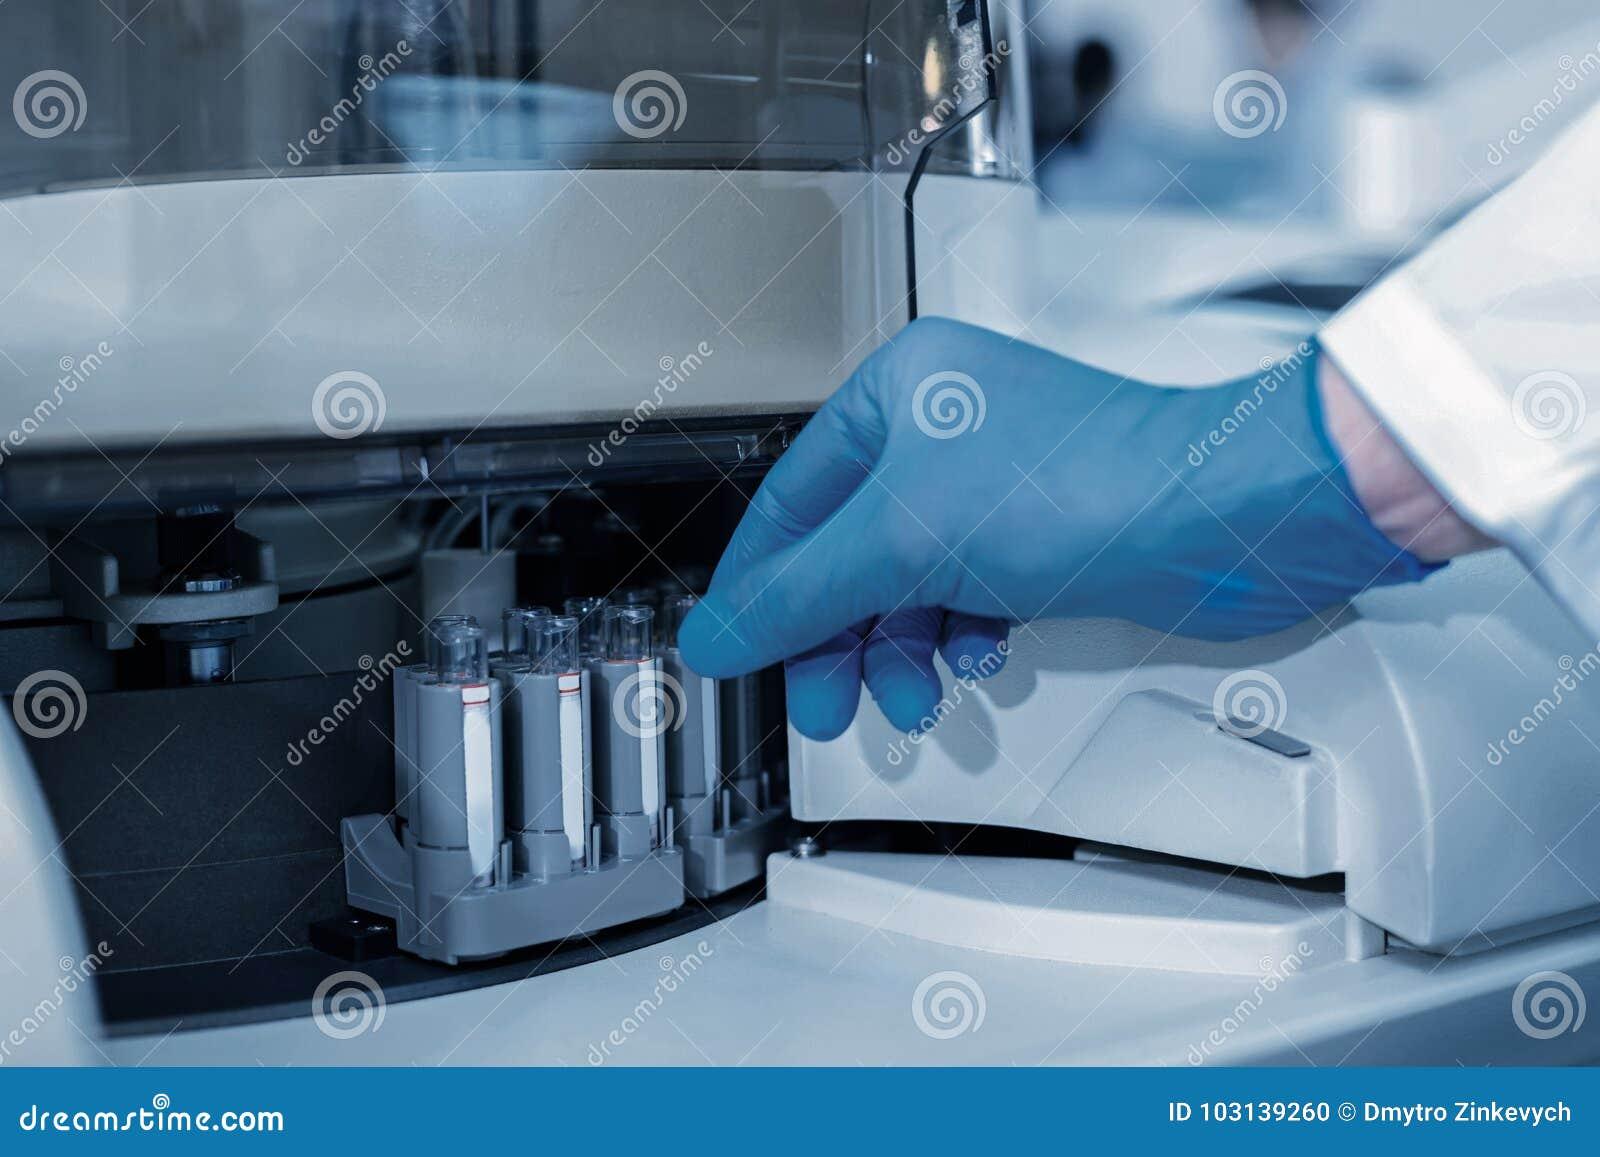 Zamyka up fachowy sprzęt medyczny